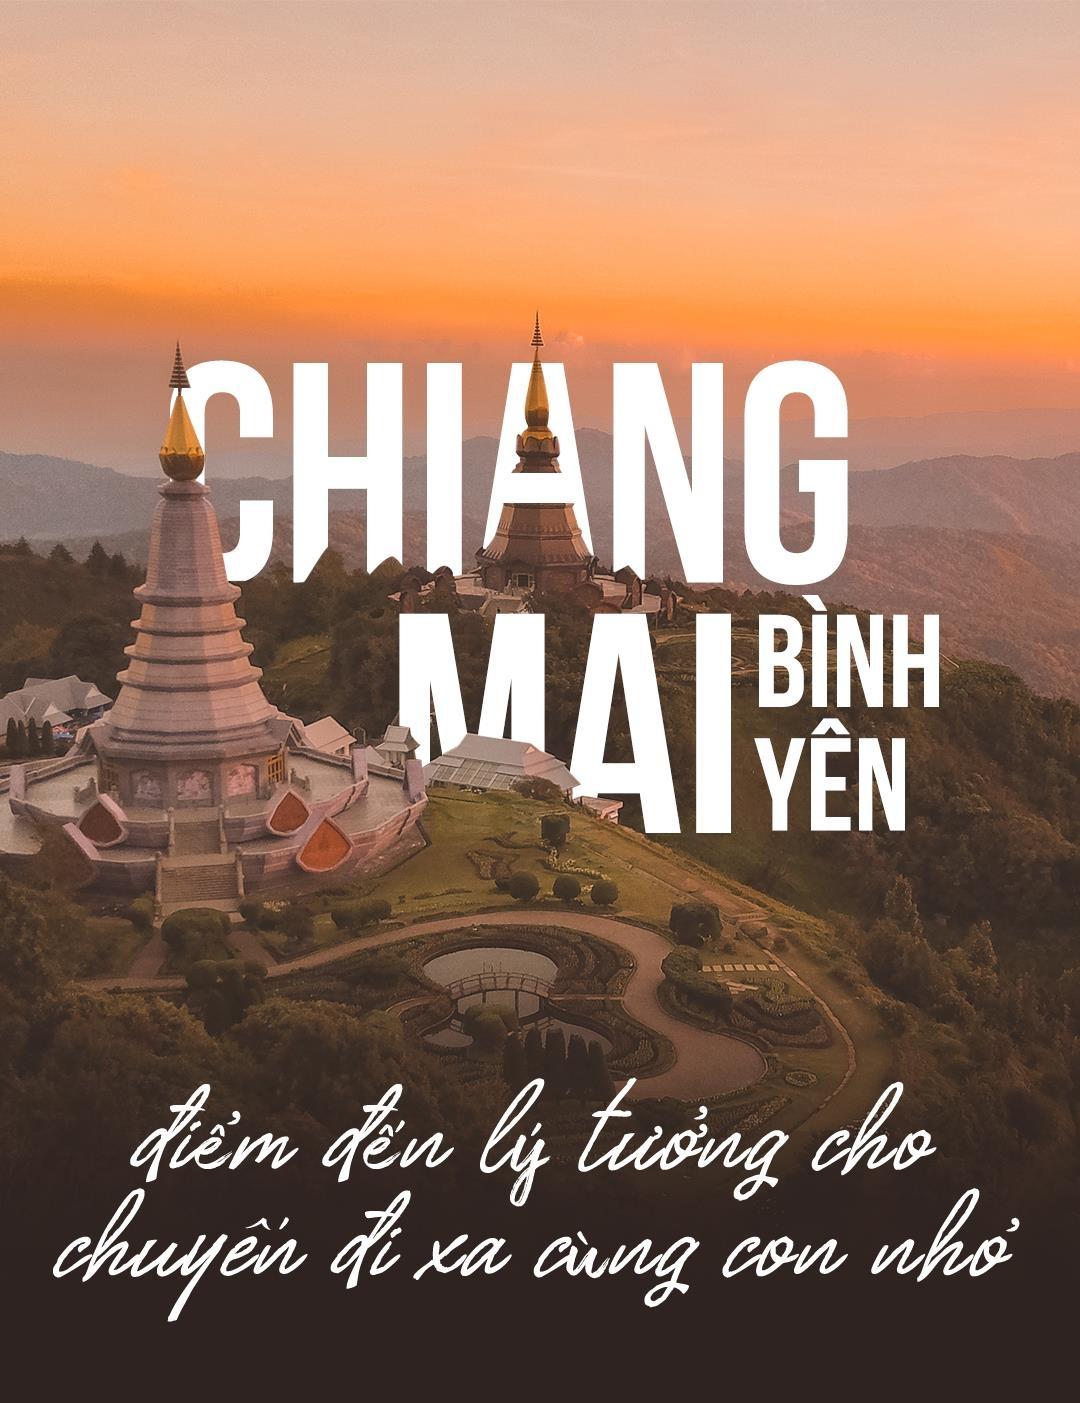 Chiang Mai binh yen - diem den ly tuong cho chuyen di xa cung con nho hinh anh 1